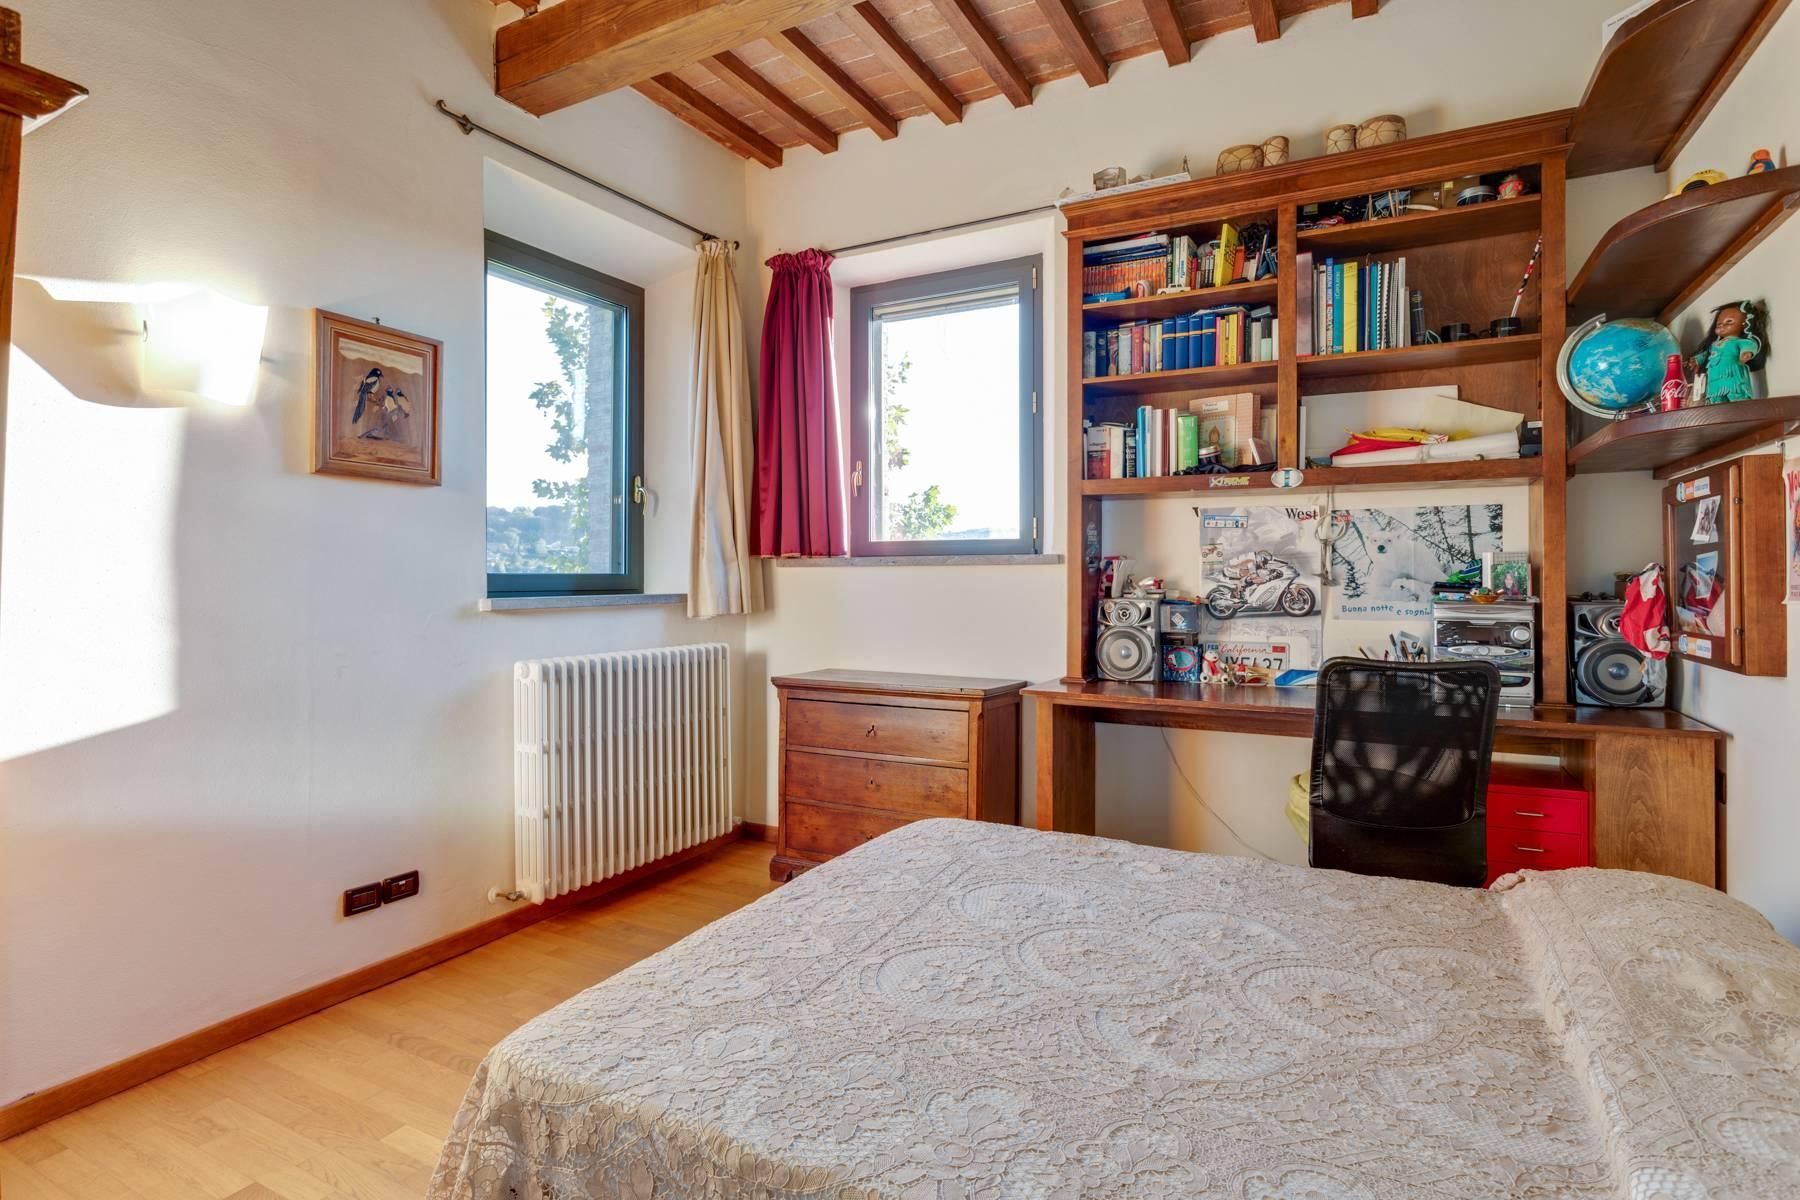 Casale con agriturismo e vigneto a pochi passi da Montepulciano - 16